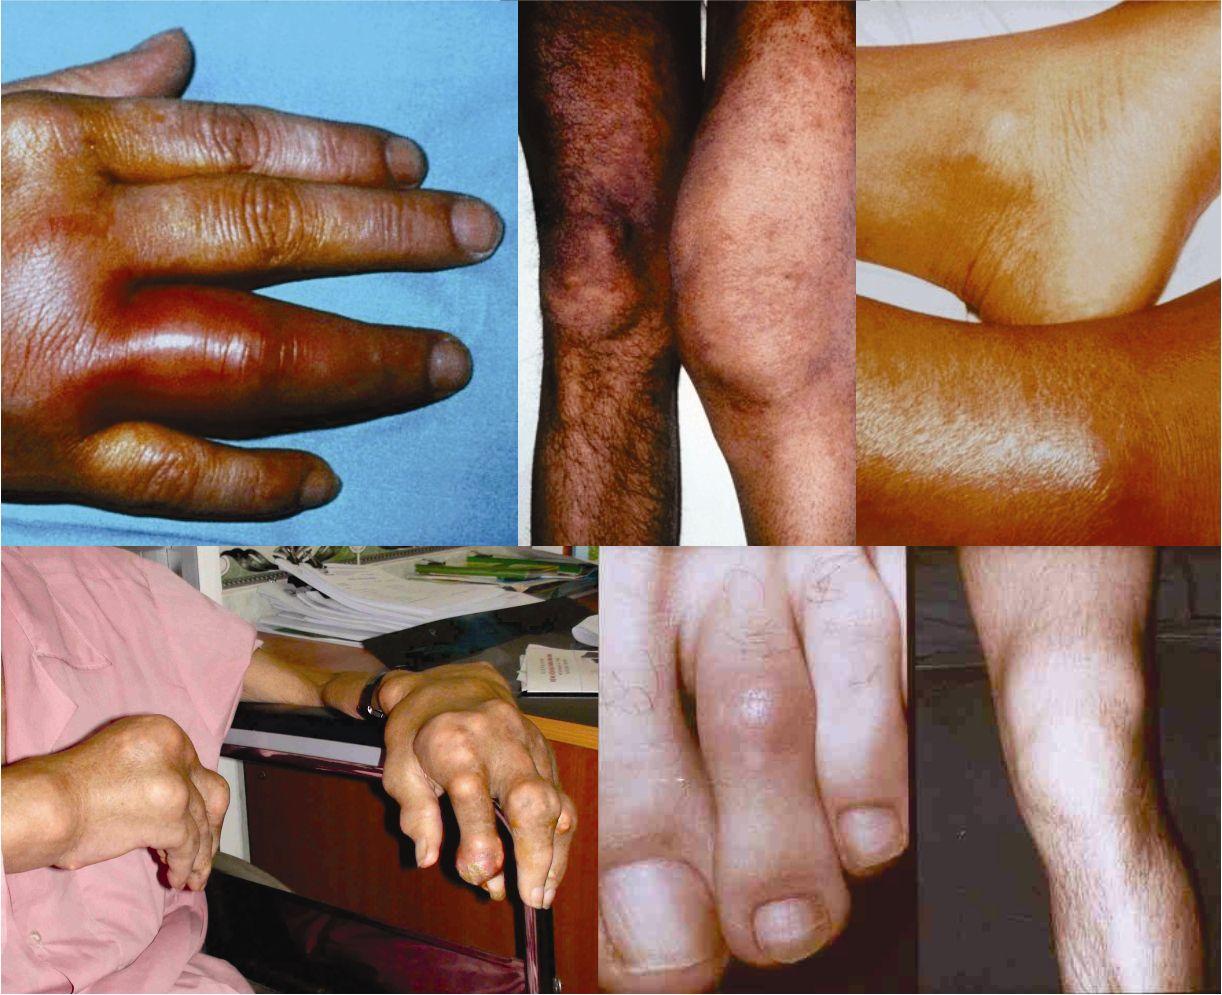 Nhận biết triệu chứng bệnh viêm đa khớp dạng thấp1